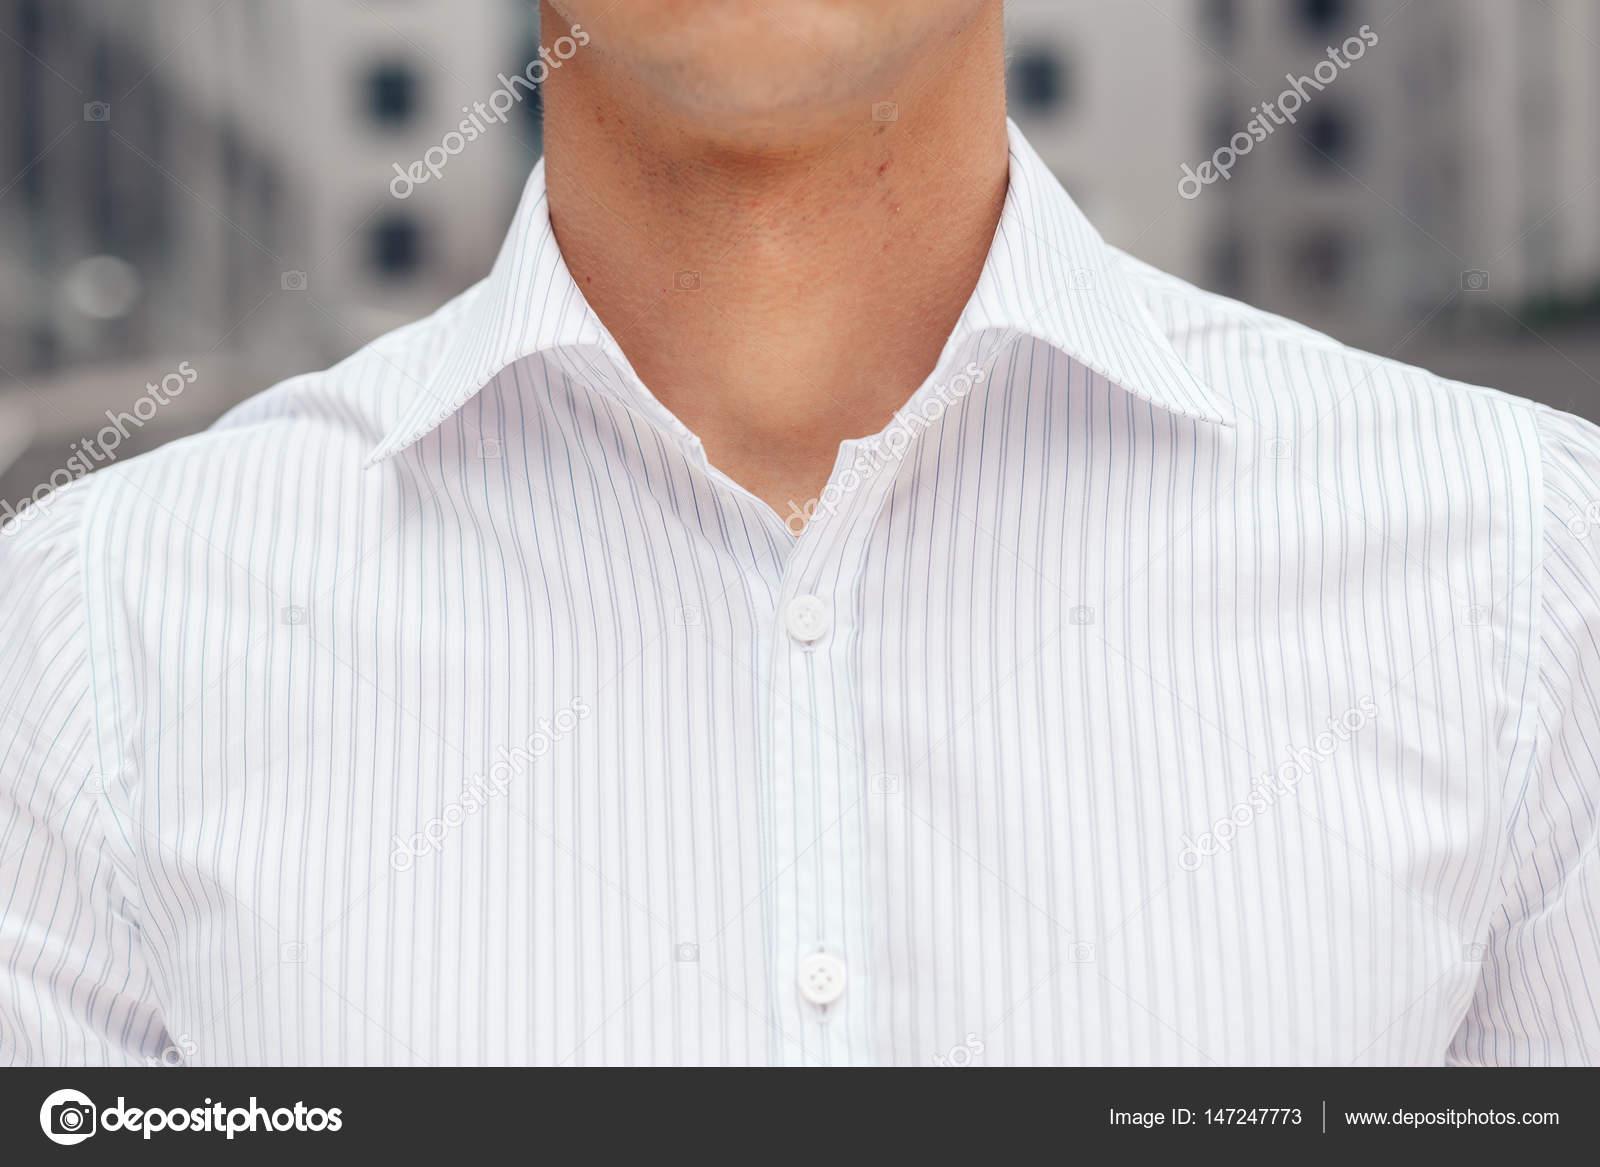 2ed6c9f66bcbd87 Крупным планом на мужской элегантные рубашки с воротником. Бизнесмен,  носить белую рубашку на фоне Офисное здание бизнес центра — Фото автора ...